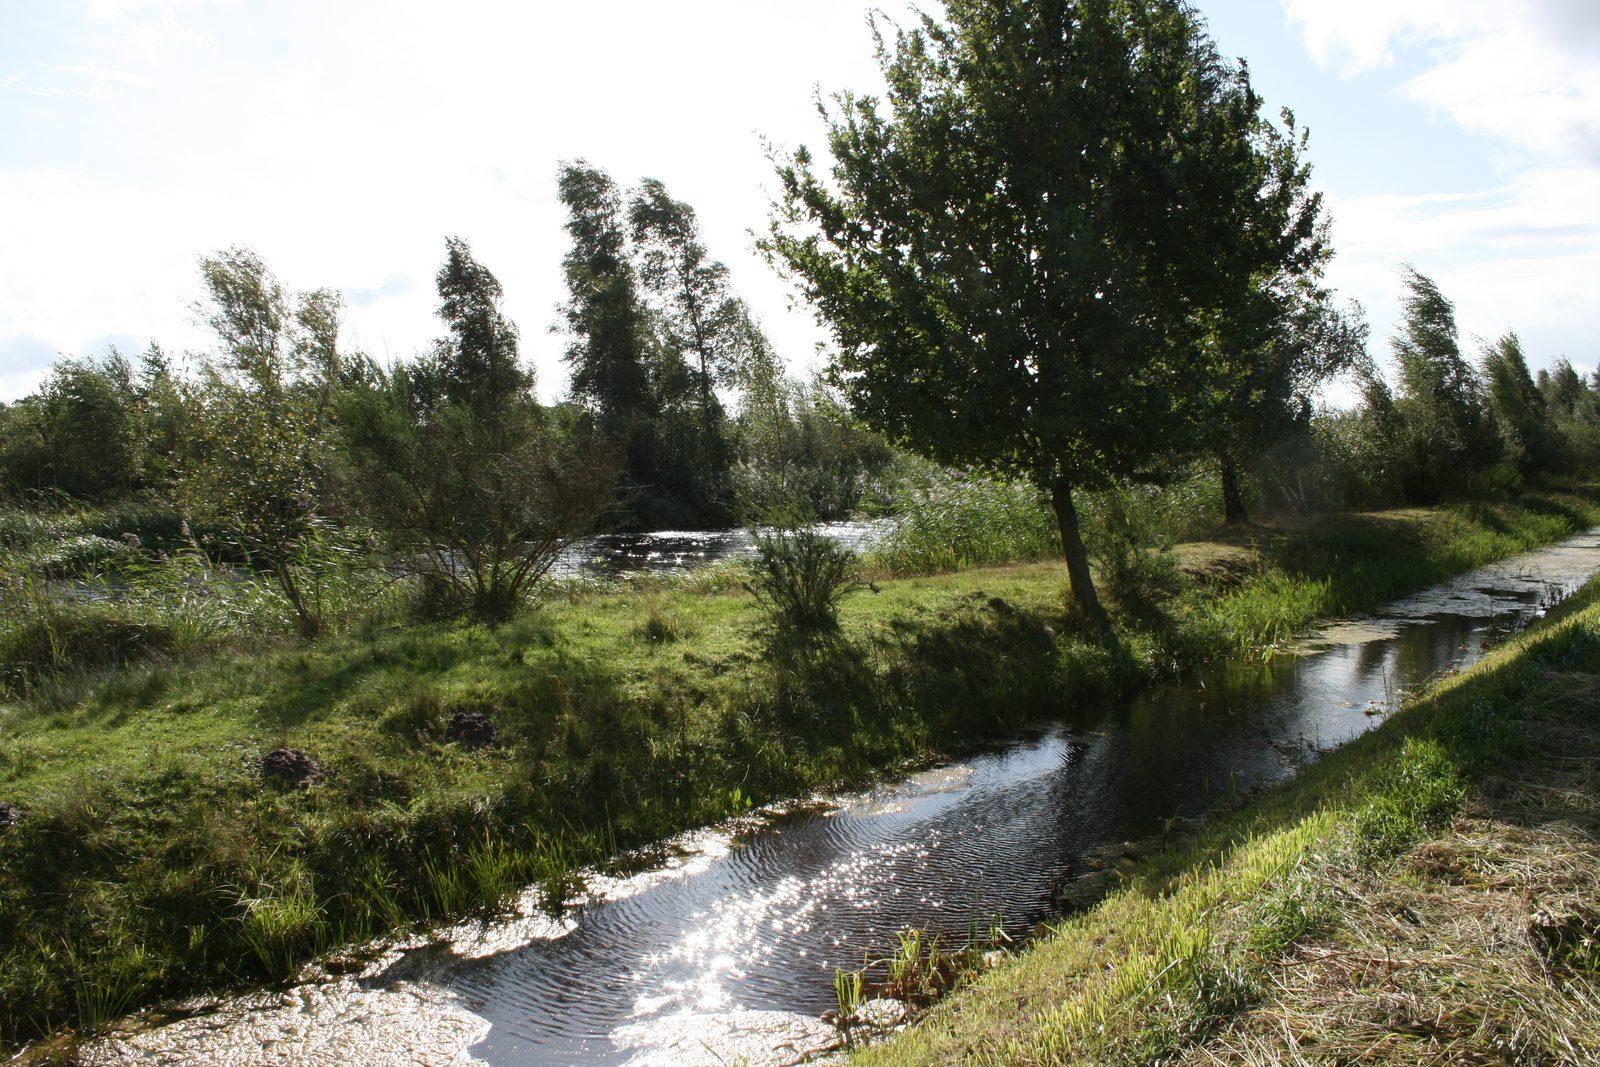 Abwechslungsreiche Landschaft am Hof von Salland